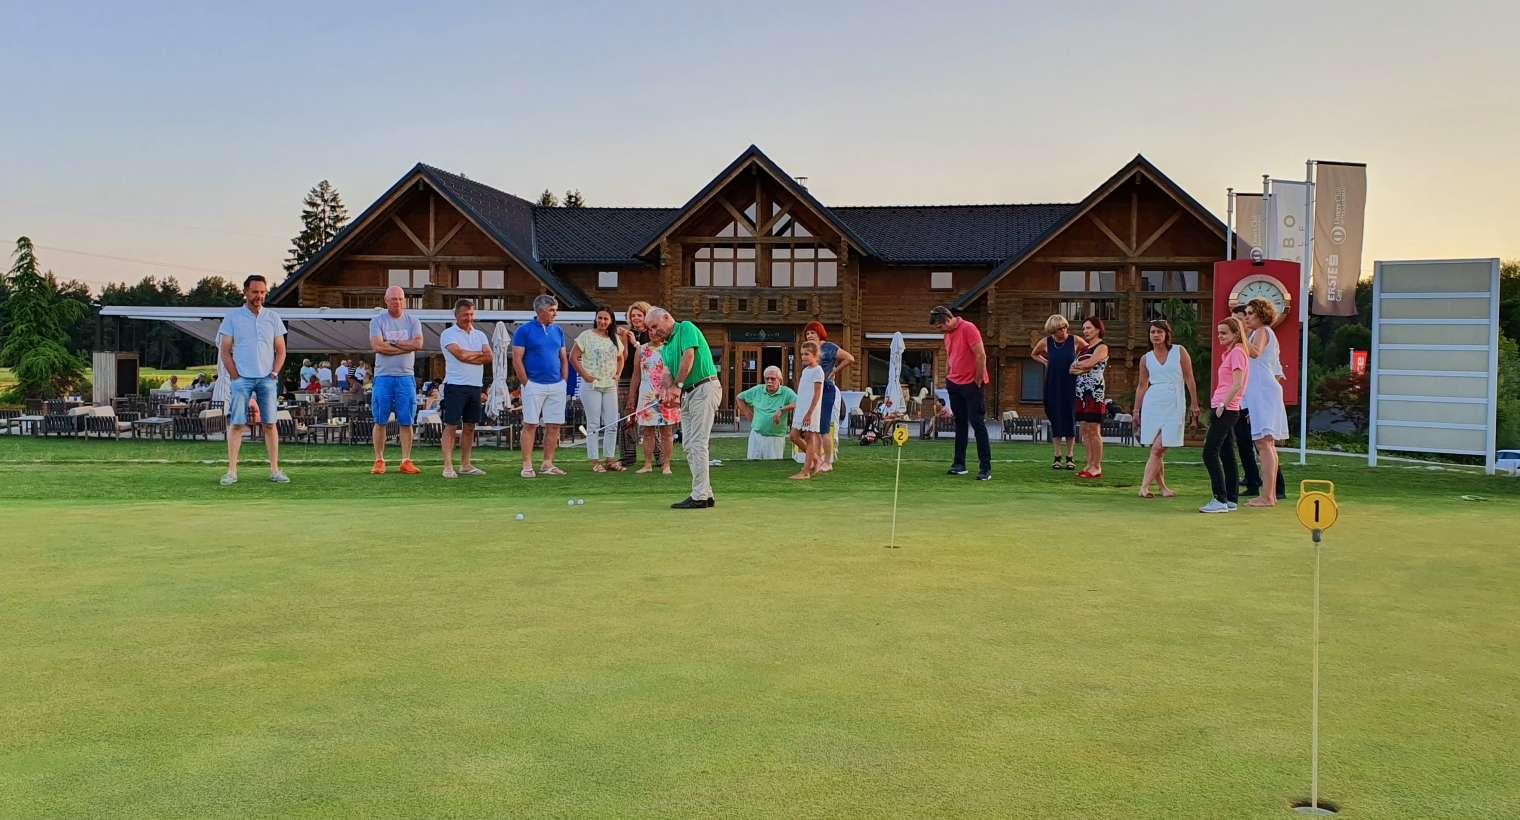 Družabni turnir Diners Golf & Country Klub Ljubljana Smlednik